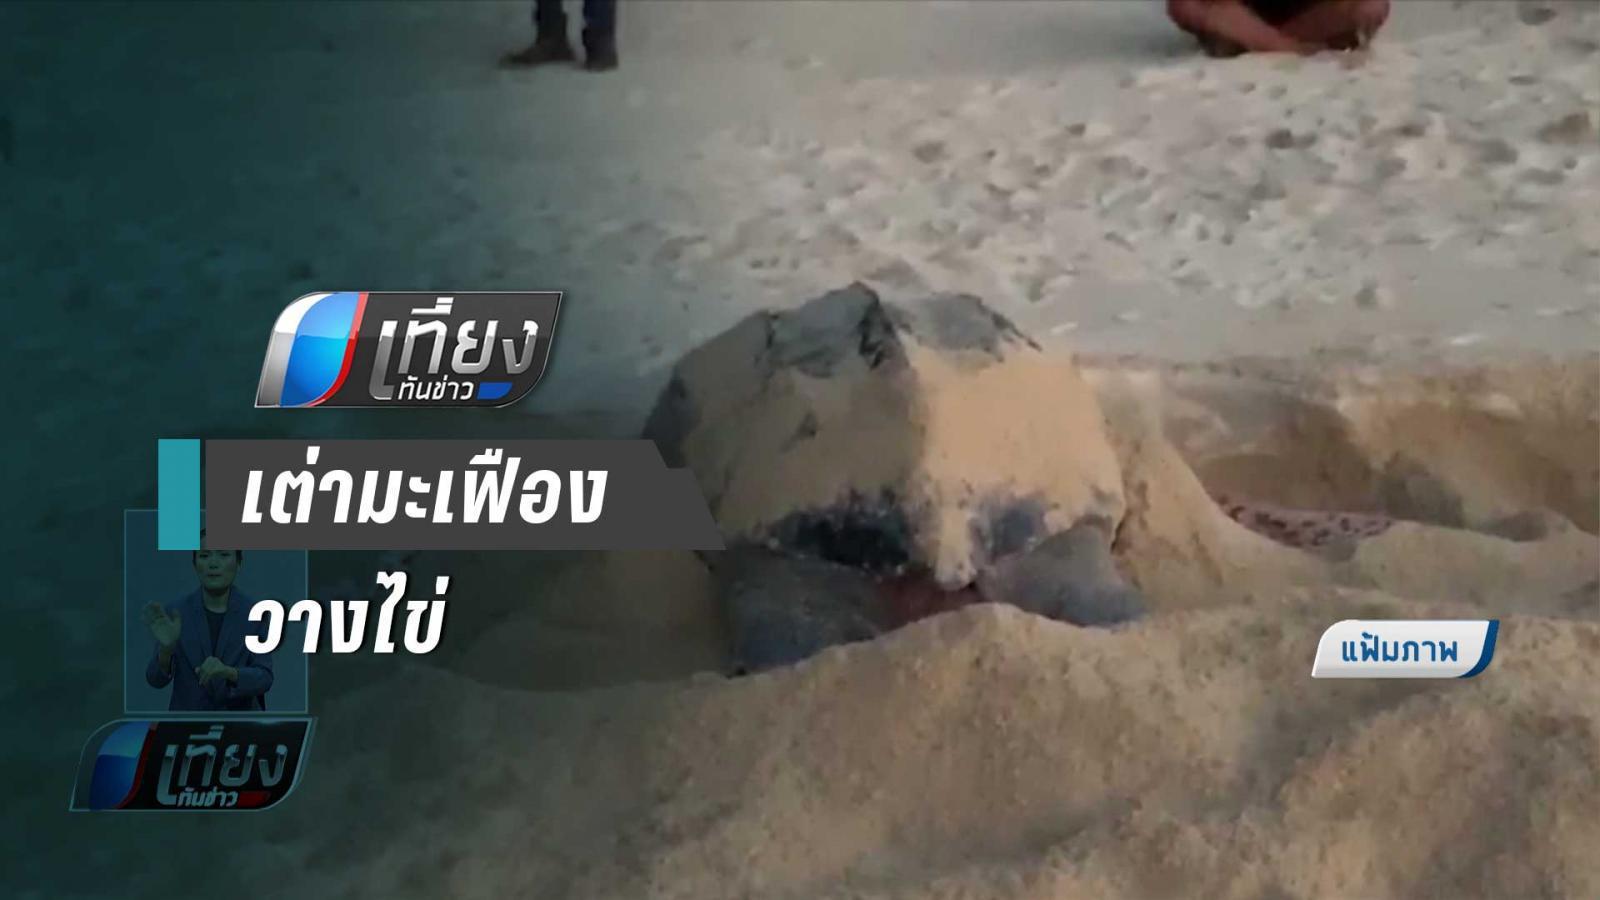 เต่ามะเฟือง 2 ตัว ขึ้นวางไข่หาดท้ายเหมือง